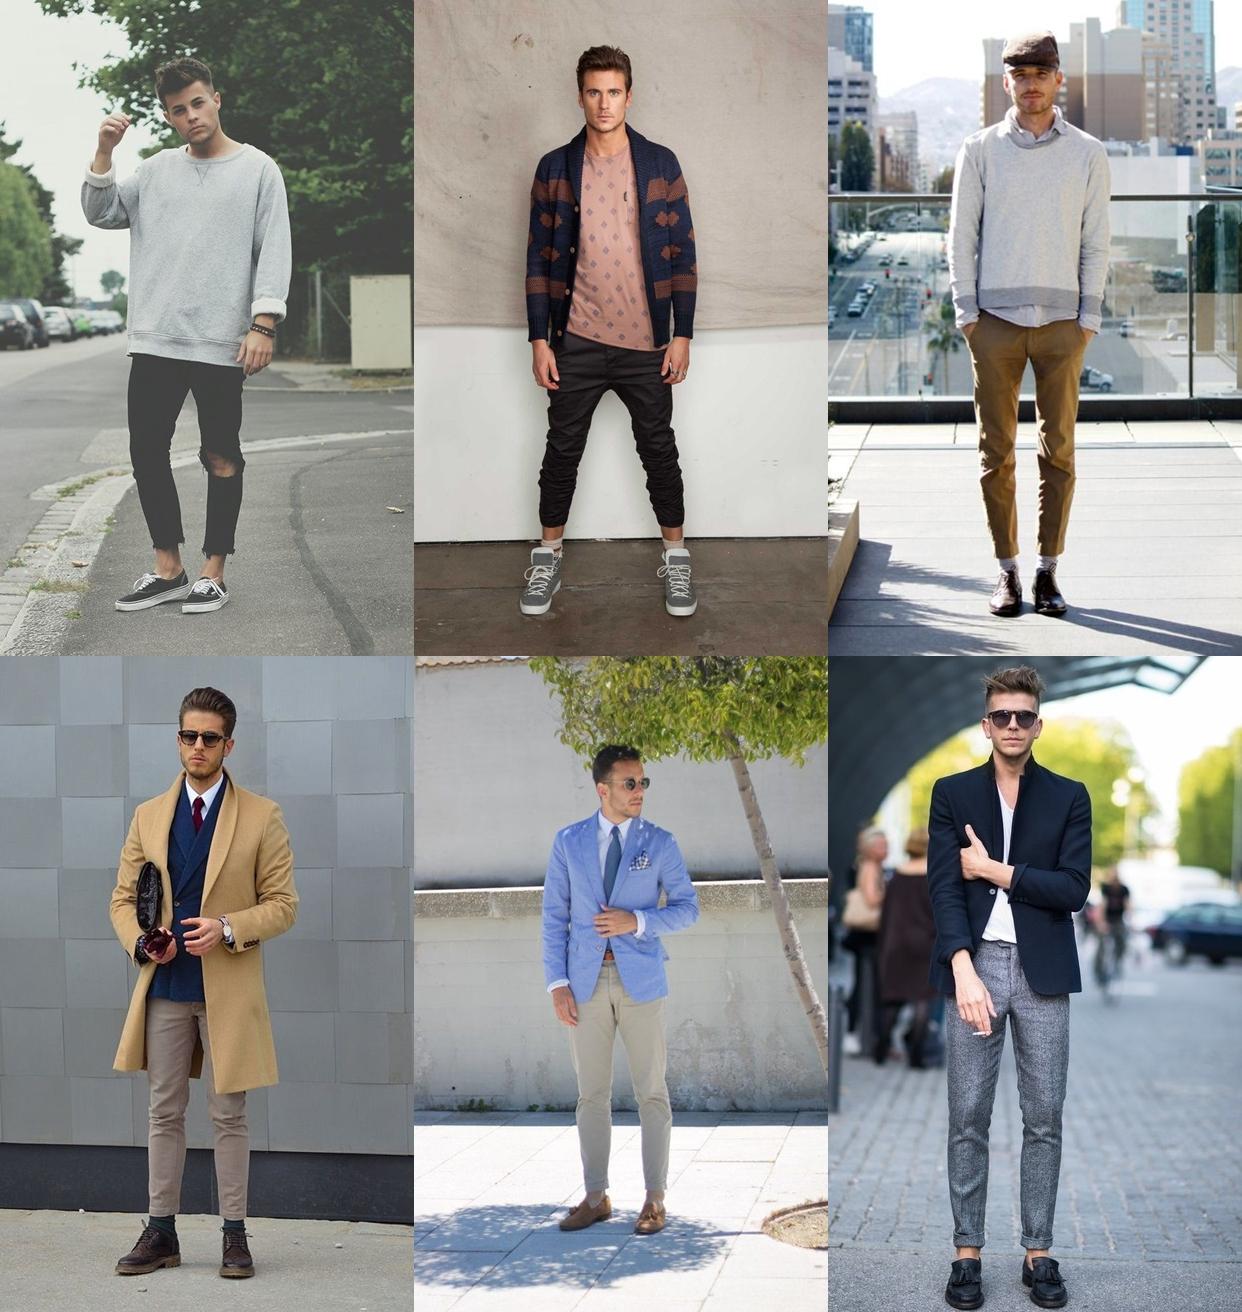 calça masculina, calça 2015, modelo de calça, cortes masculinos, spfw, joão pimenta, tng, moda, fashion, alex cursino, moda sem censura, style, estilo, blogger, 2